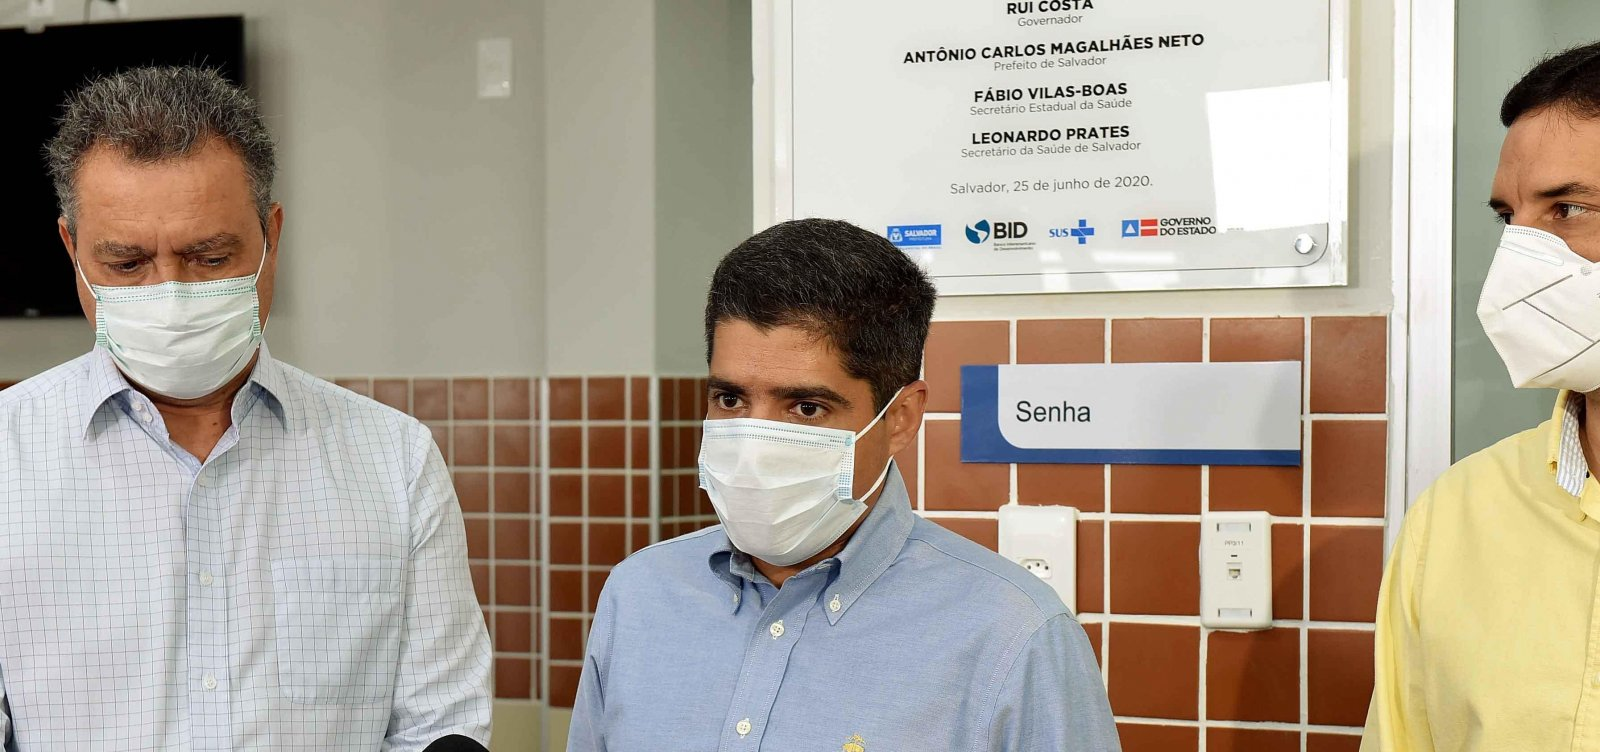 [Prefeitura adia protocolo de retomada e prorroga suspensão das atividades em Salvador]